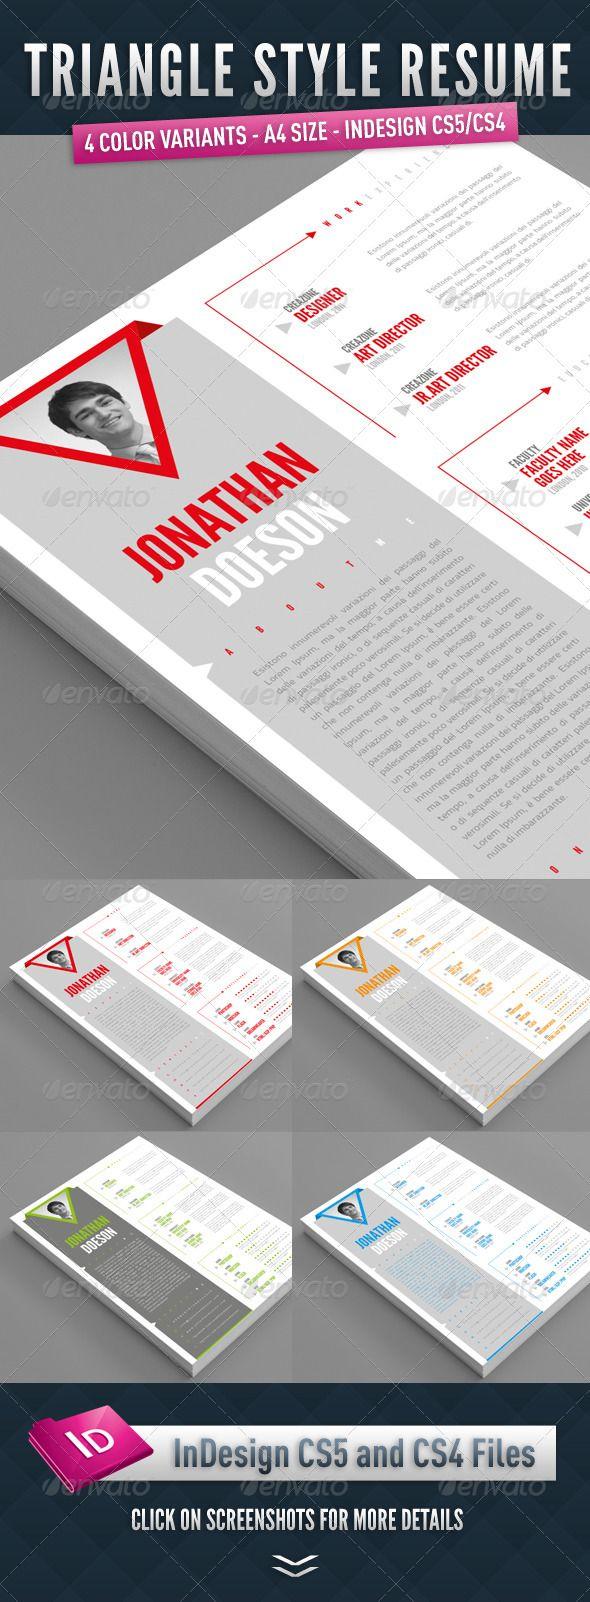 72 best Design: Résumés images on Pinterest | Page layout, Resume ...